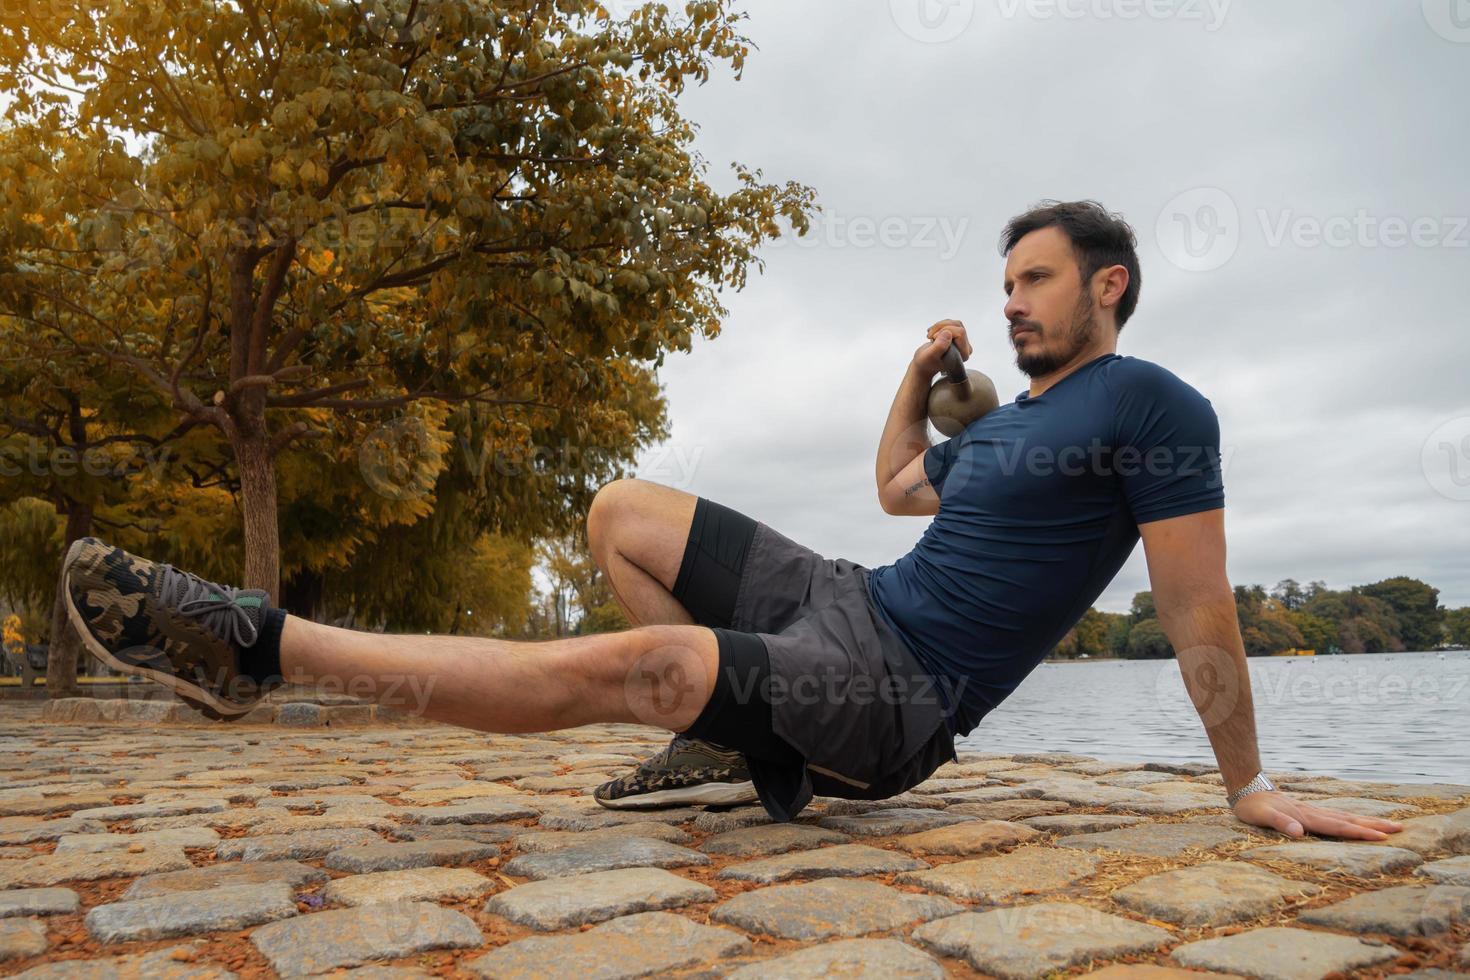 mannelijke fitnessinstructeur spieren opbouwen met waterkoker in het park foto